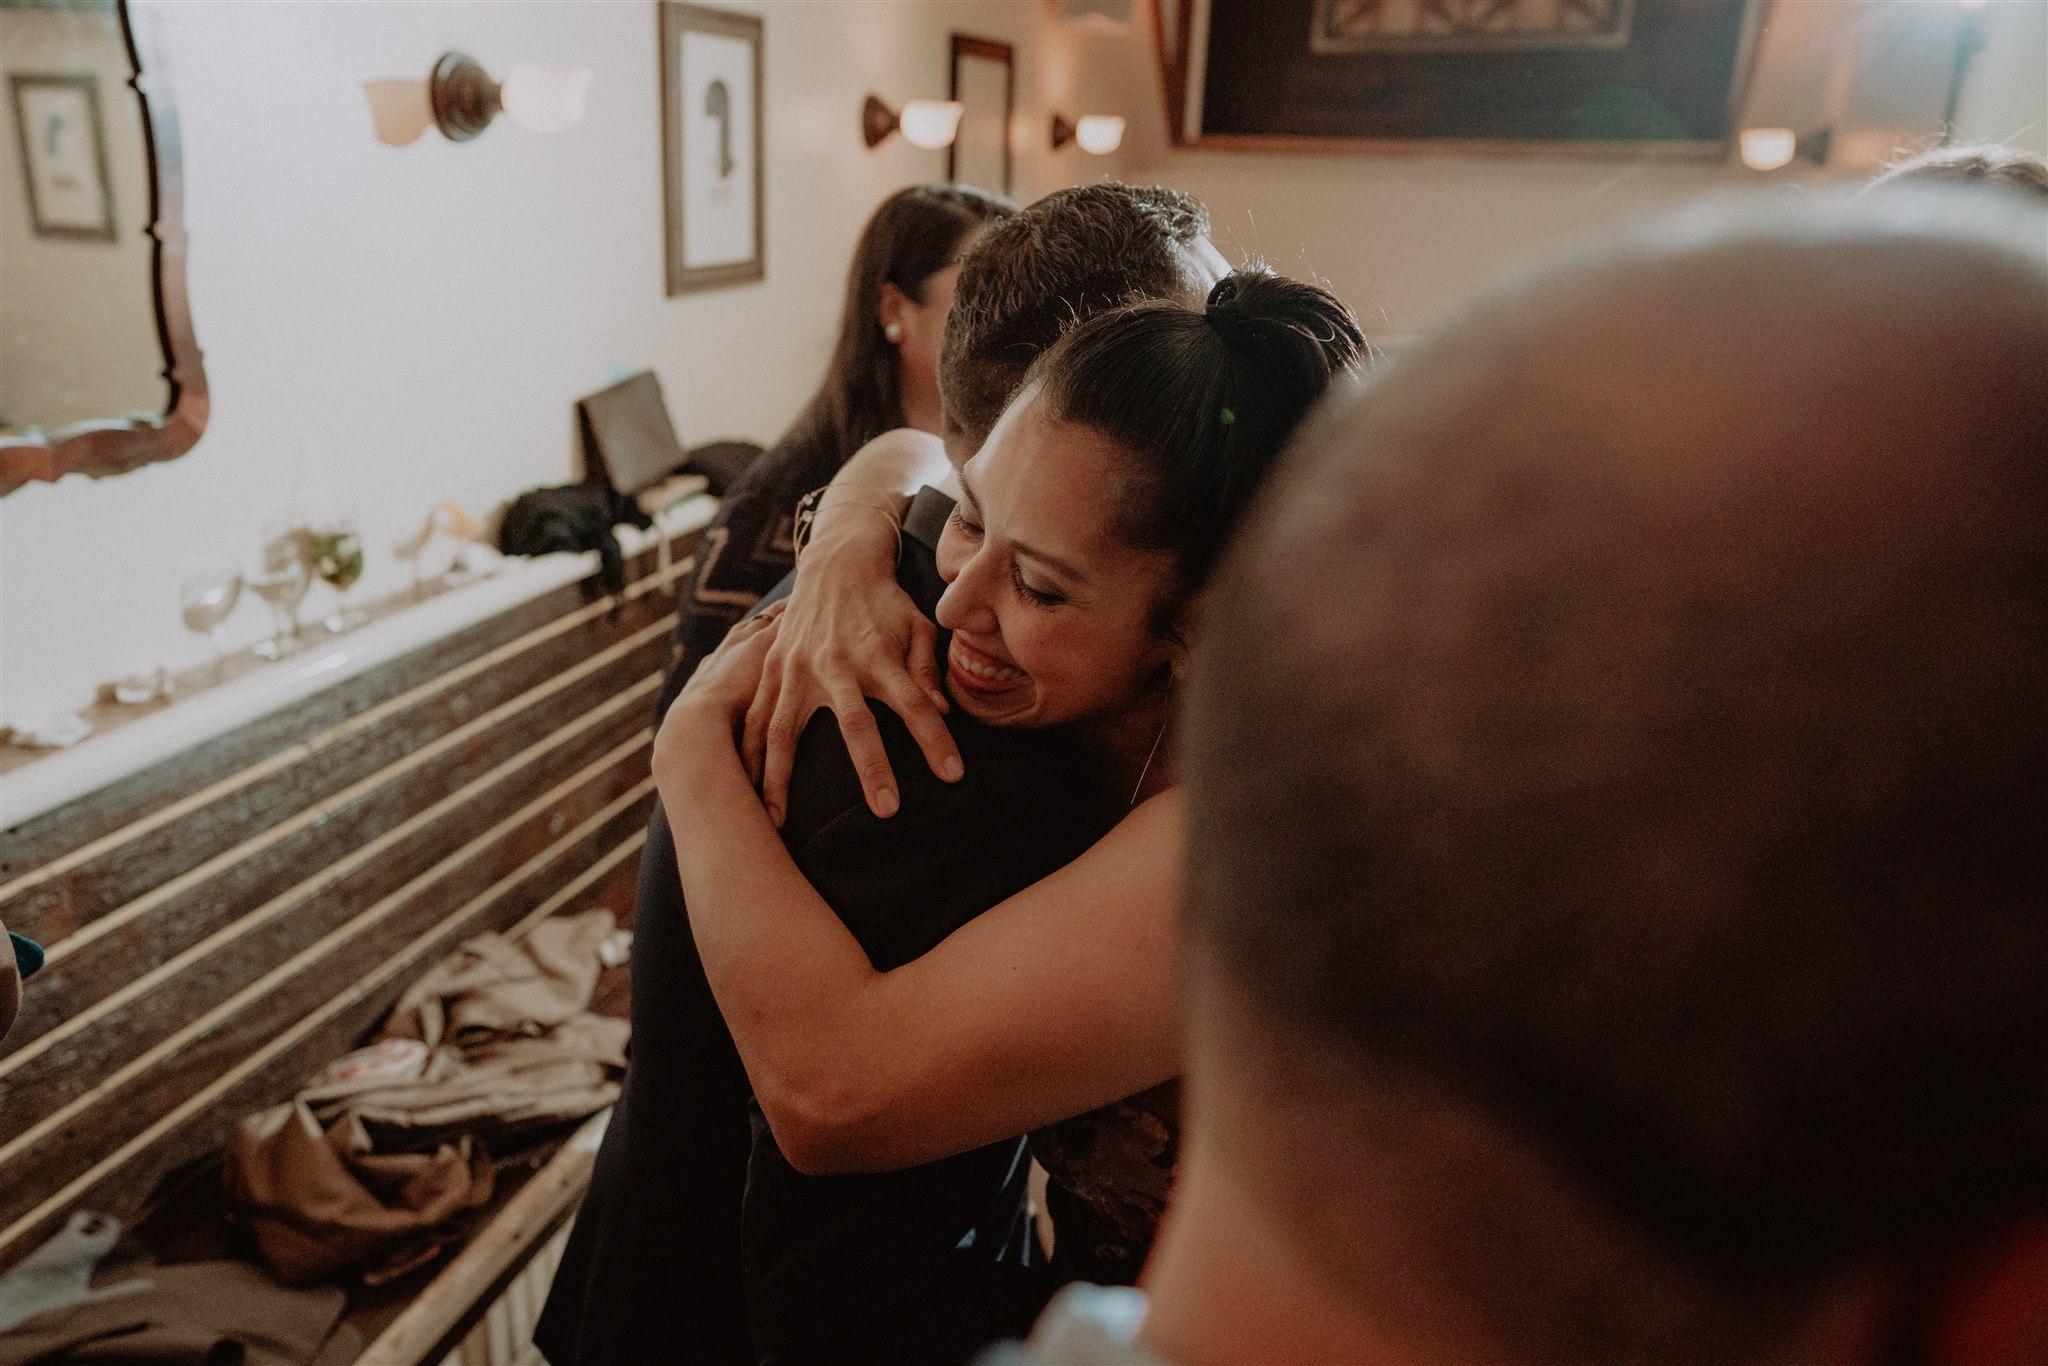 Chellise_Michael_Photography_Ramona_Brooklyn_Wedding_Photographer-464.jpg